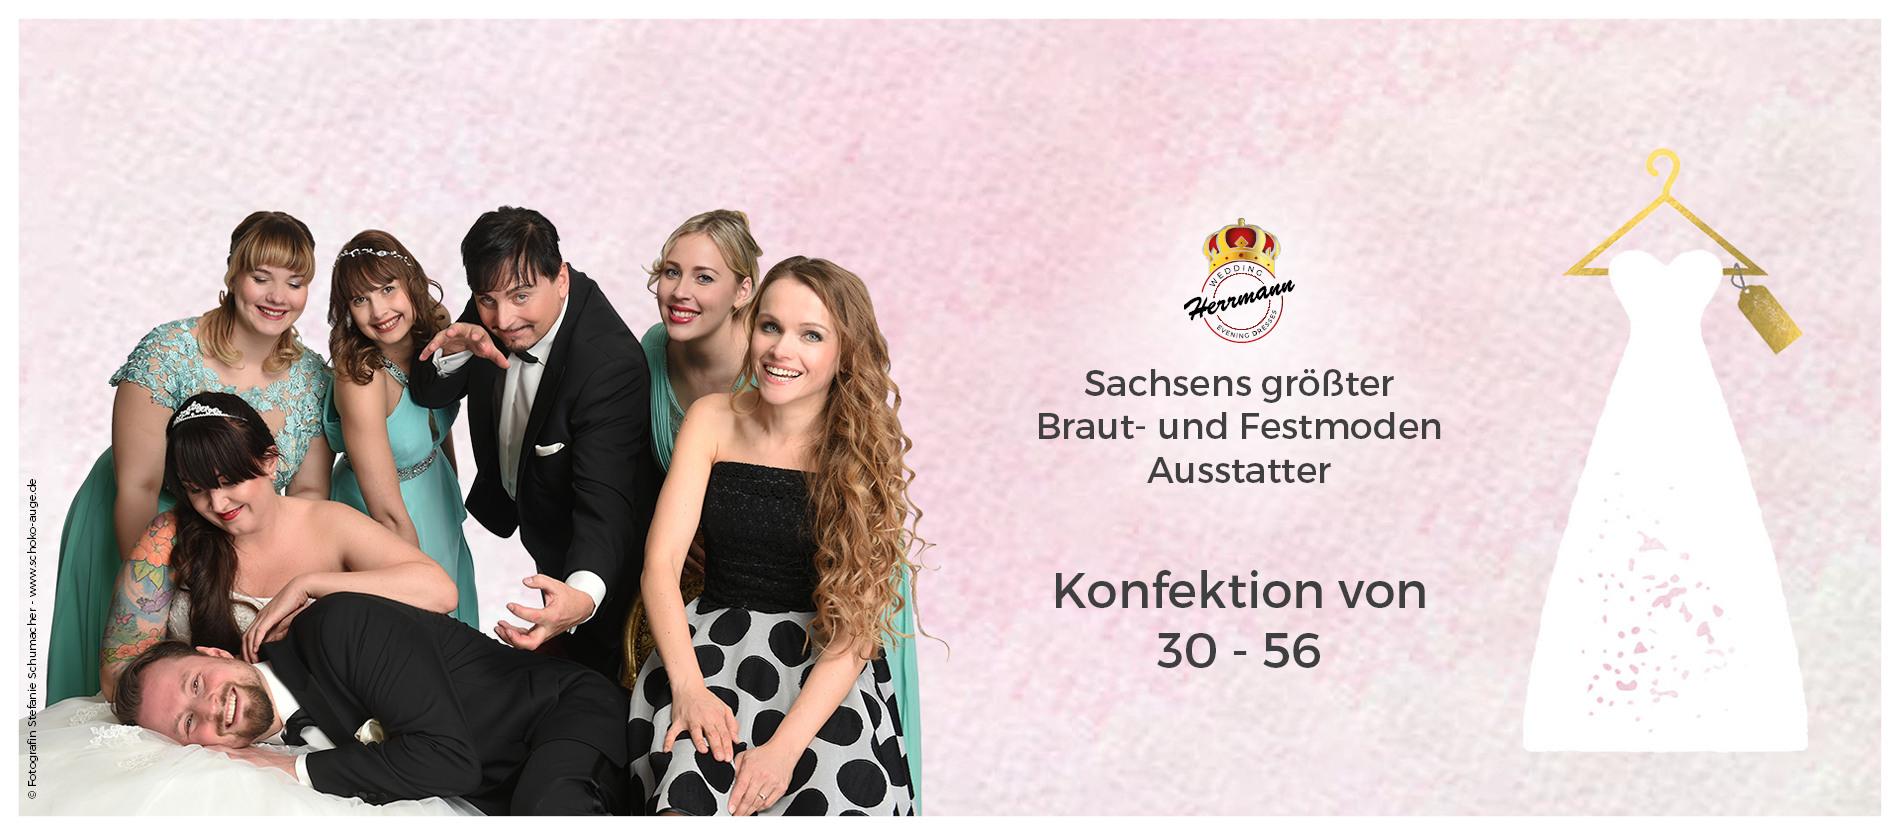 10 Kreativ Abendkleider Uwe Herrmann Dresden Spezialgebiet17 Erstaunlich Abendkleider Uwe Herrmann Dresden Bester Preis